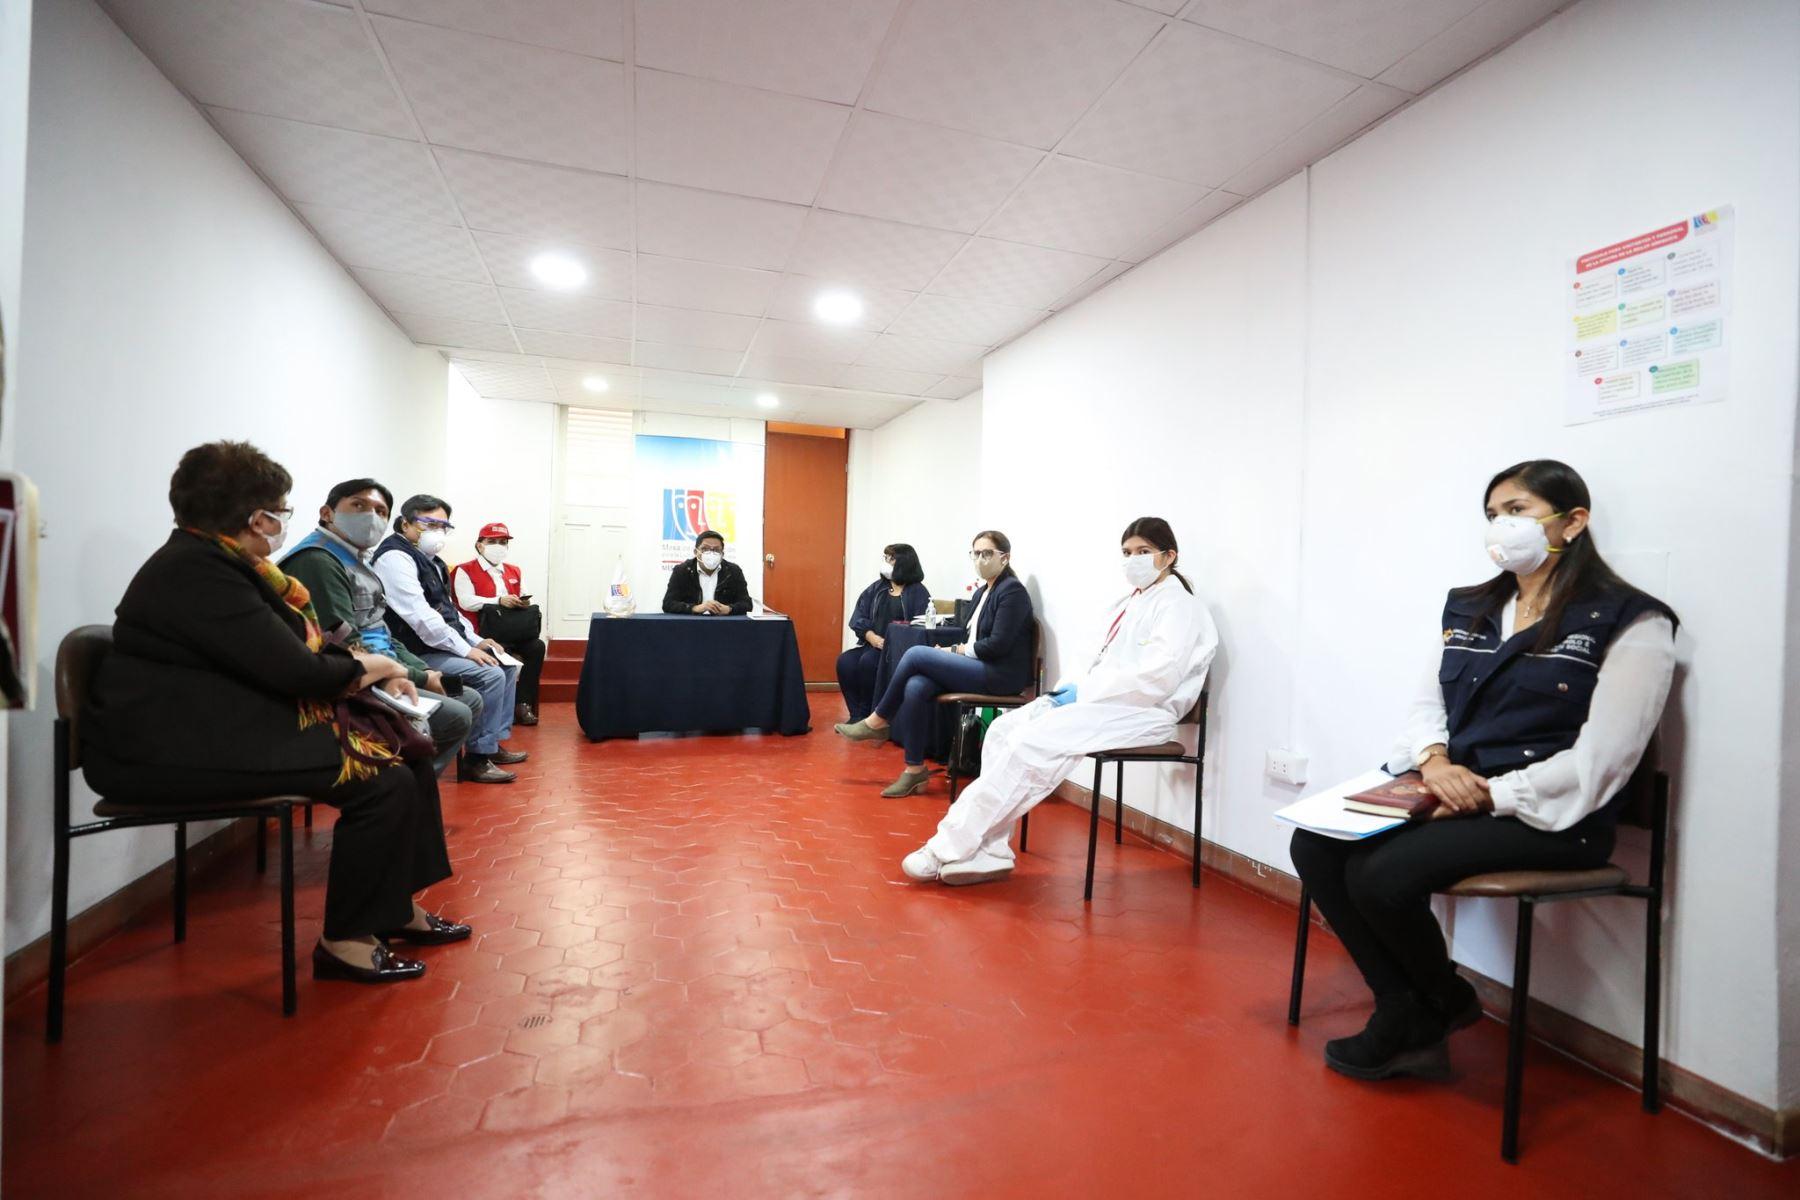 Para coordinar acciones en beneficio de la población más vulnerable ante el coronavirus, el premier Vicente Zeballos, junto a la titular del MIMP, Gloria Montenegro, dialogan con los representantes de la Mesa de Concertación para la Lucha contra la Pobreza de Arequipa. Foto: ANDINA/PCM